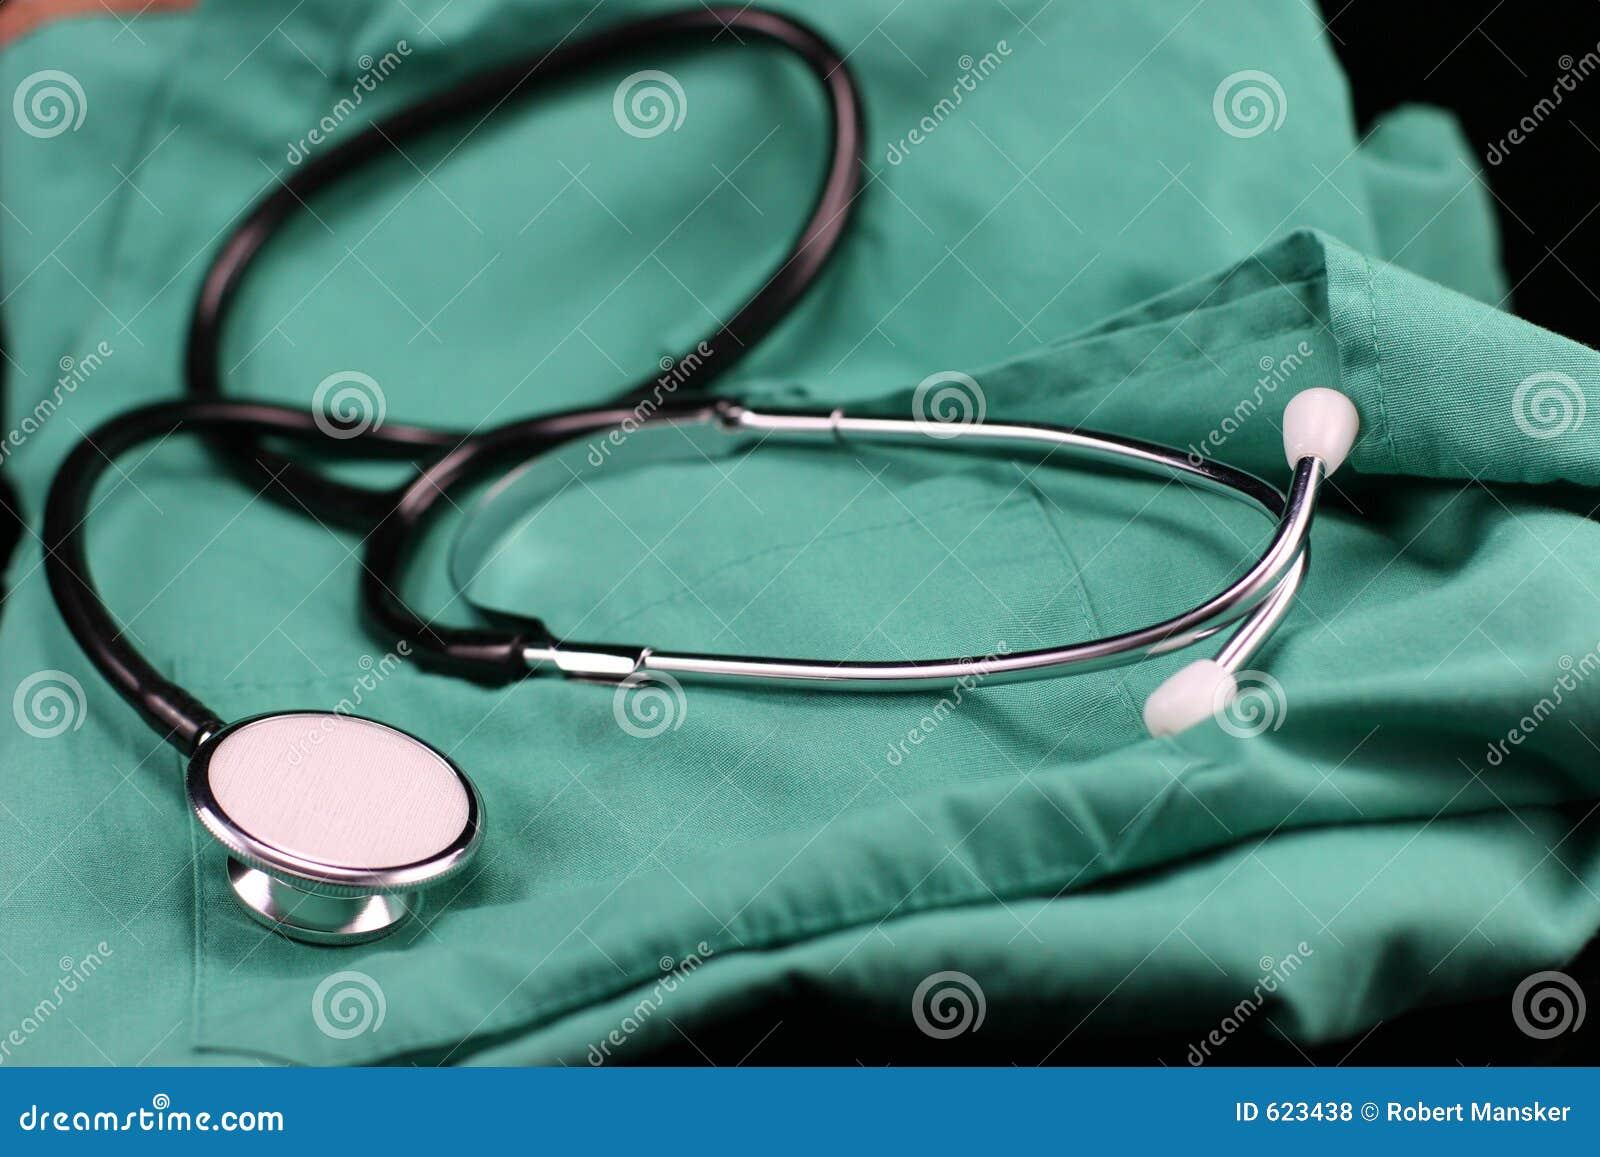 De kiel van de stethoscoop en van de verpleegster.